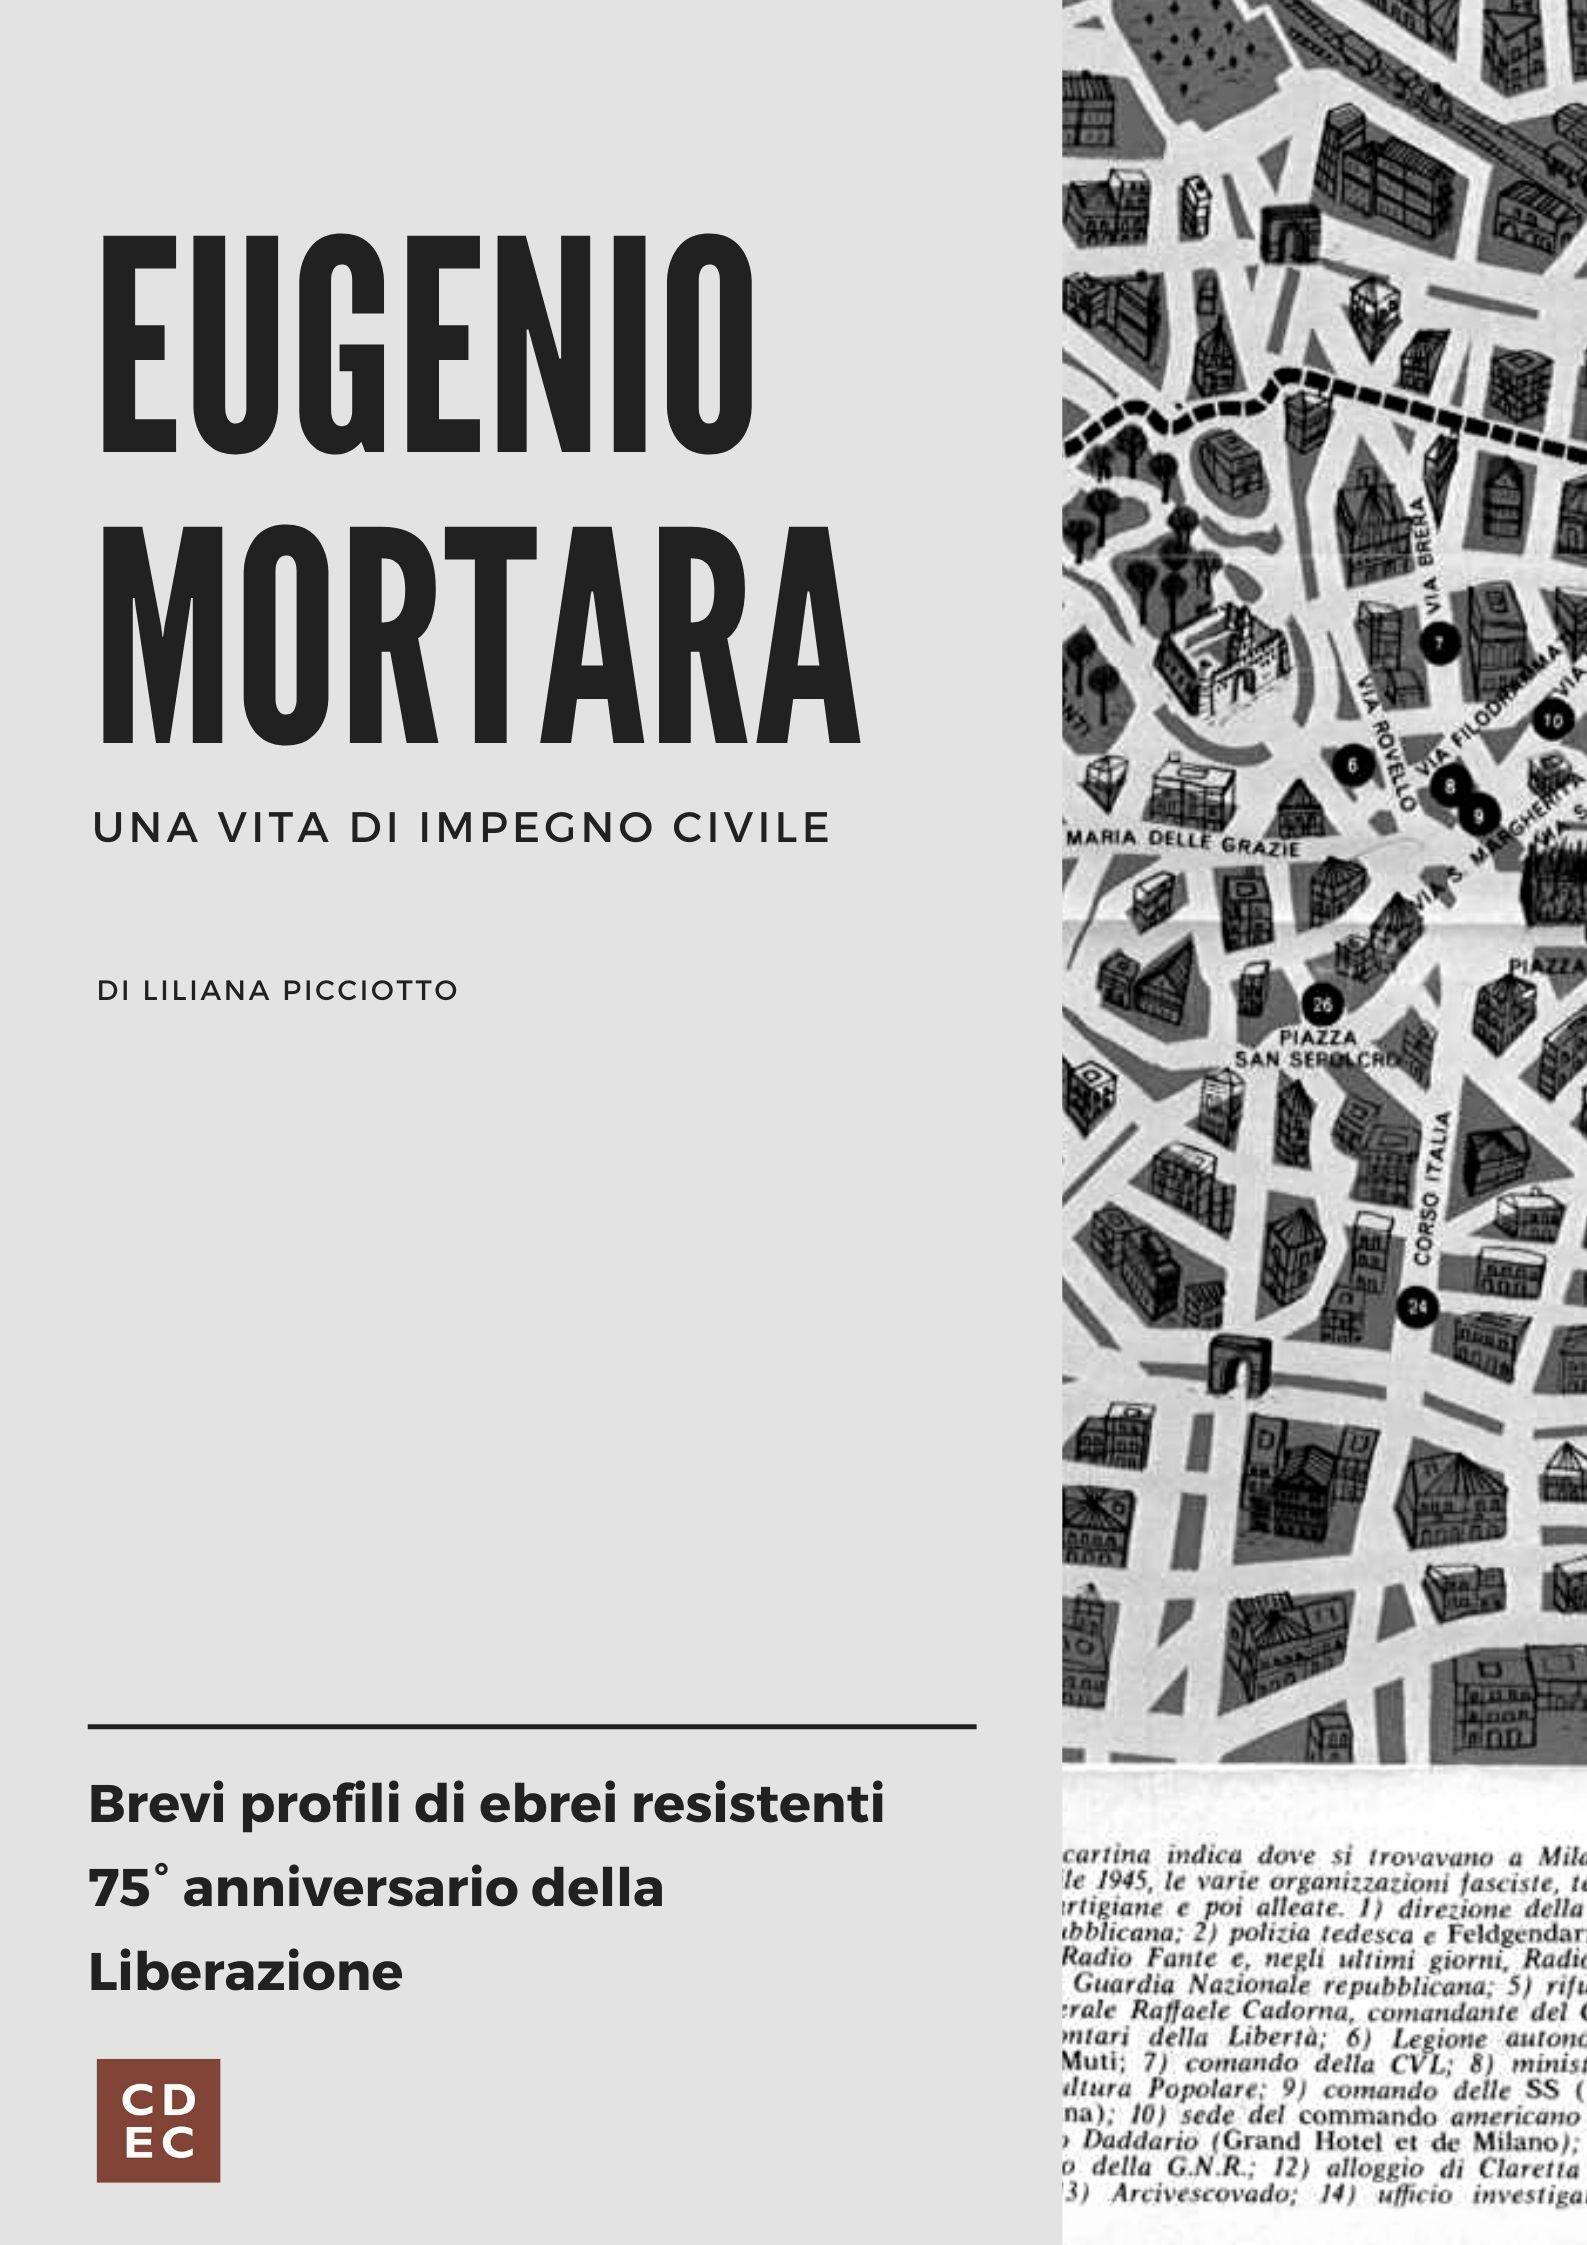 Eugenio Mortara. Una vita di impegno civile.